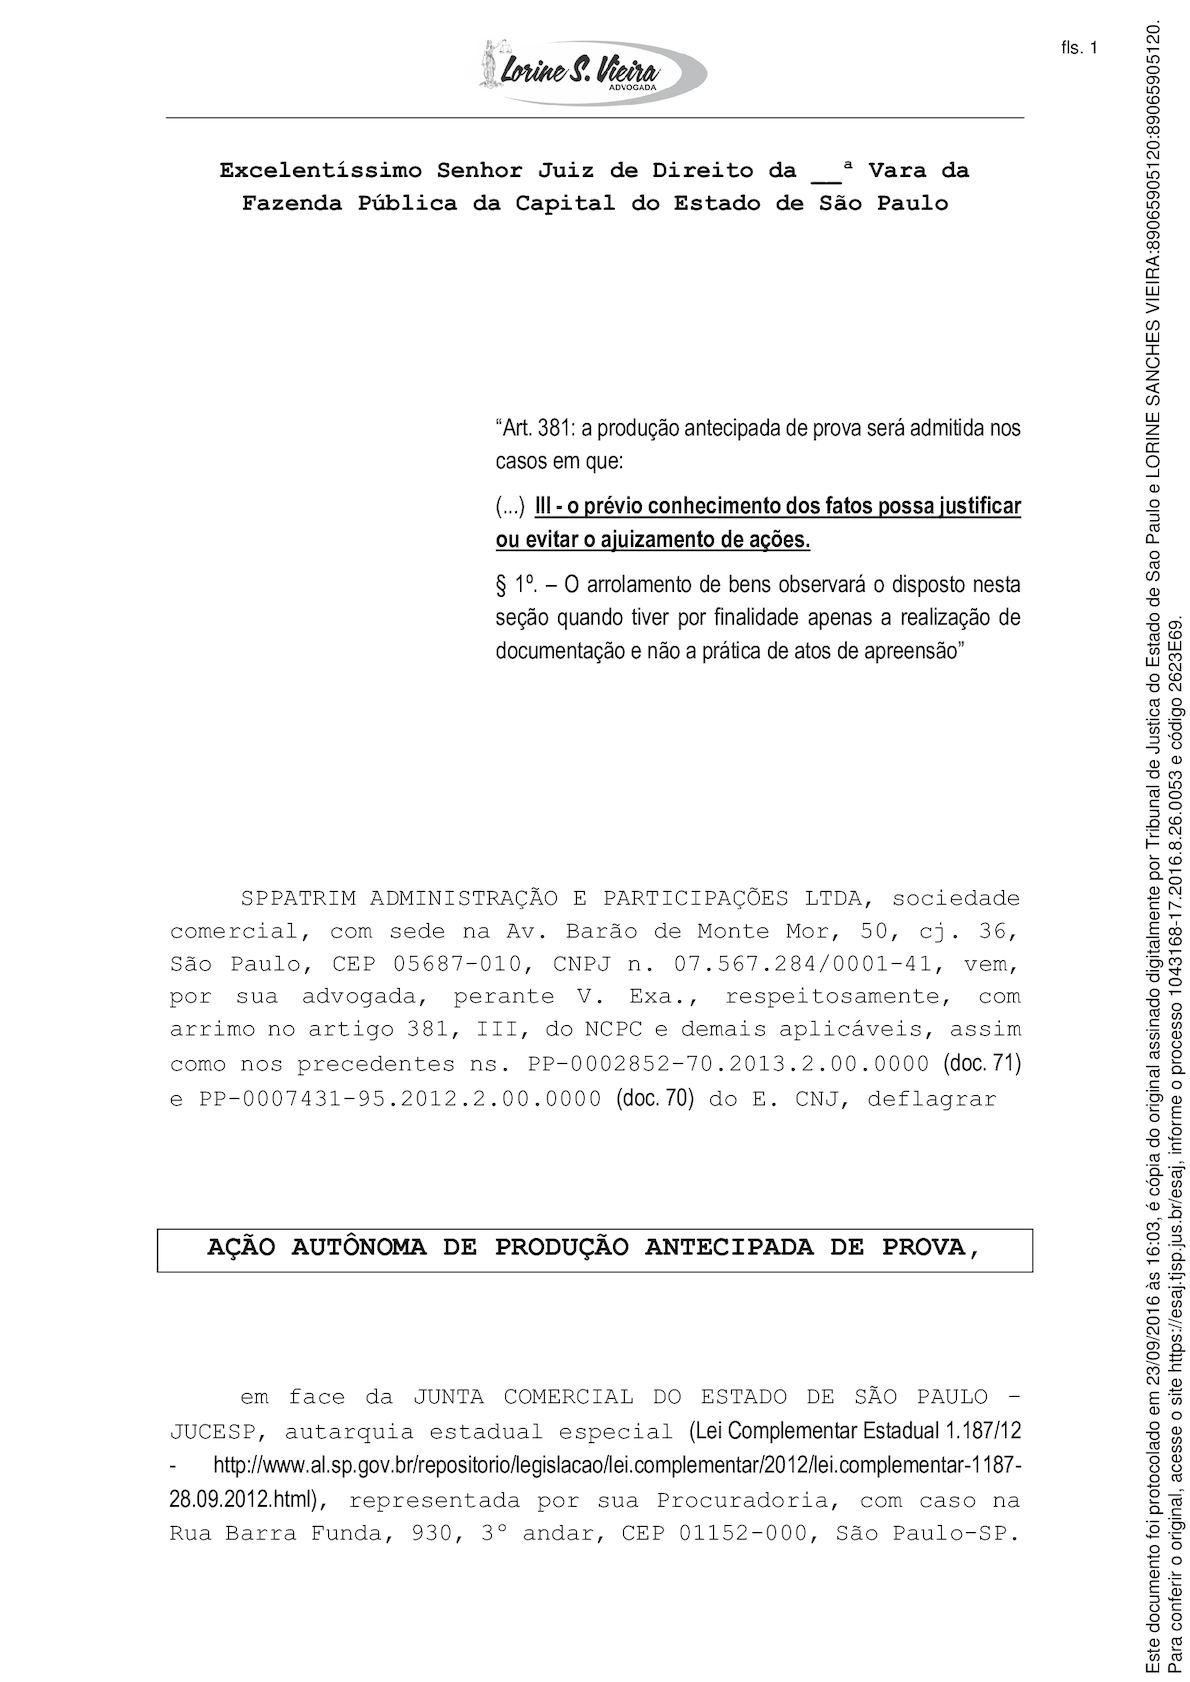 Doc 48 Fraudes No Sistema Da Jucesp São Objeto De Ação Com Liminar Deferida